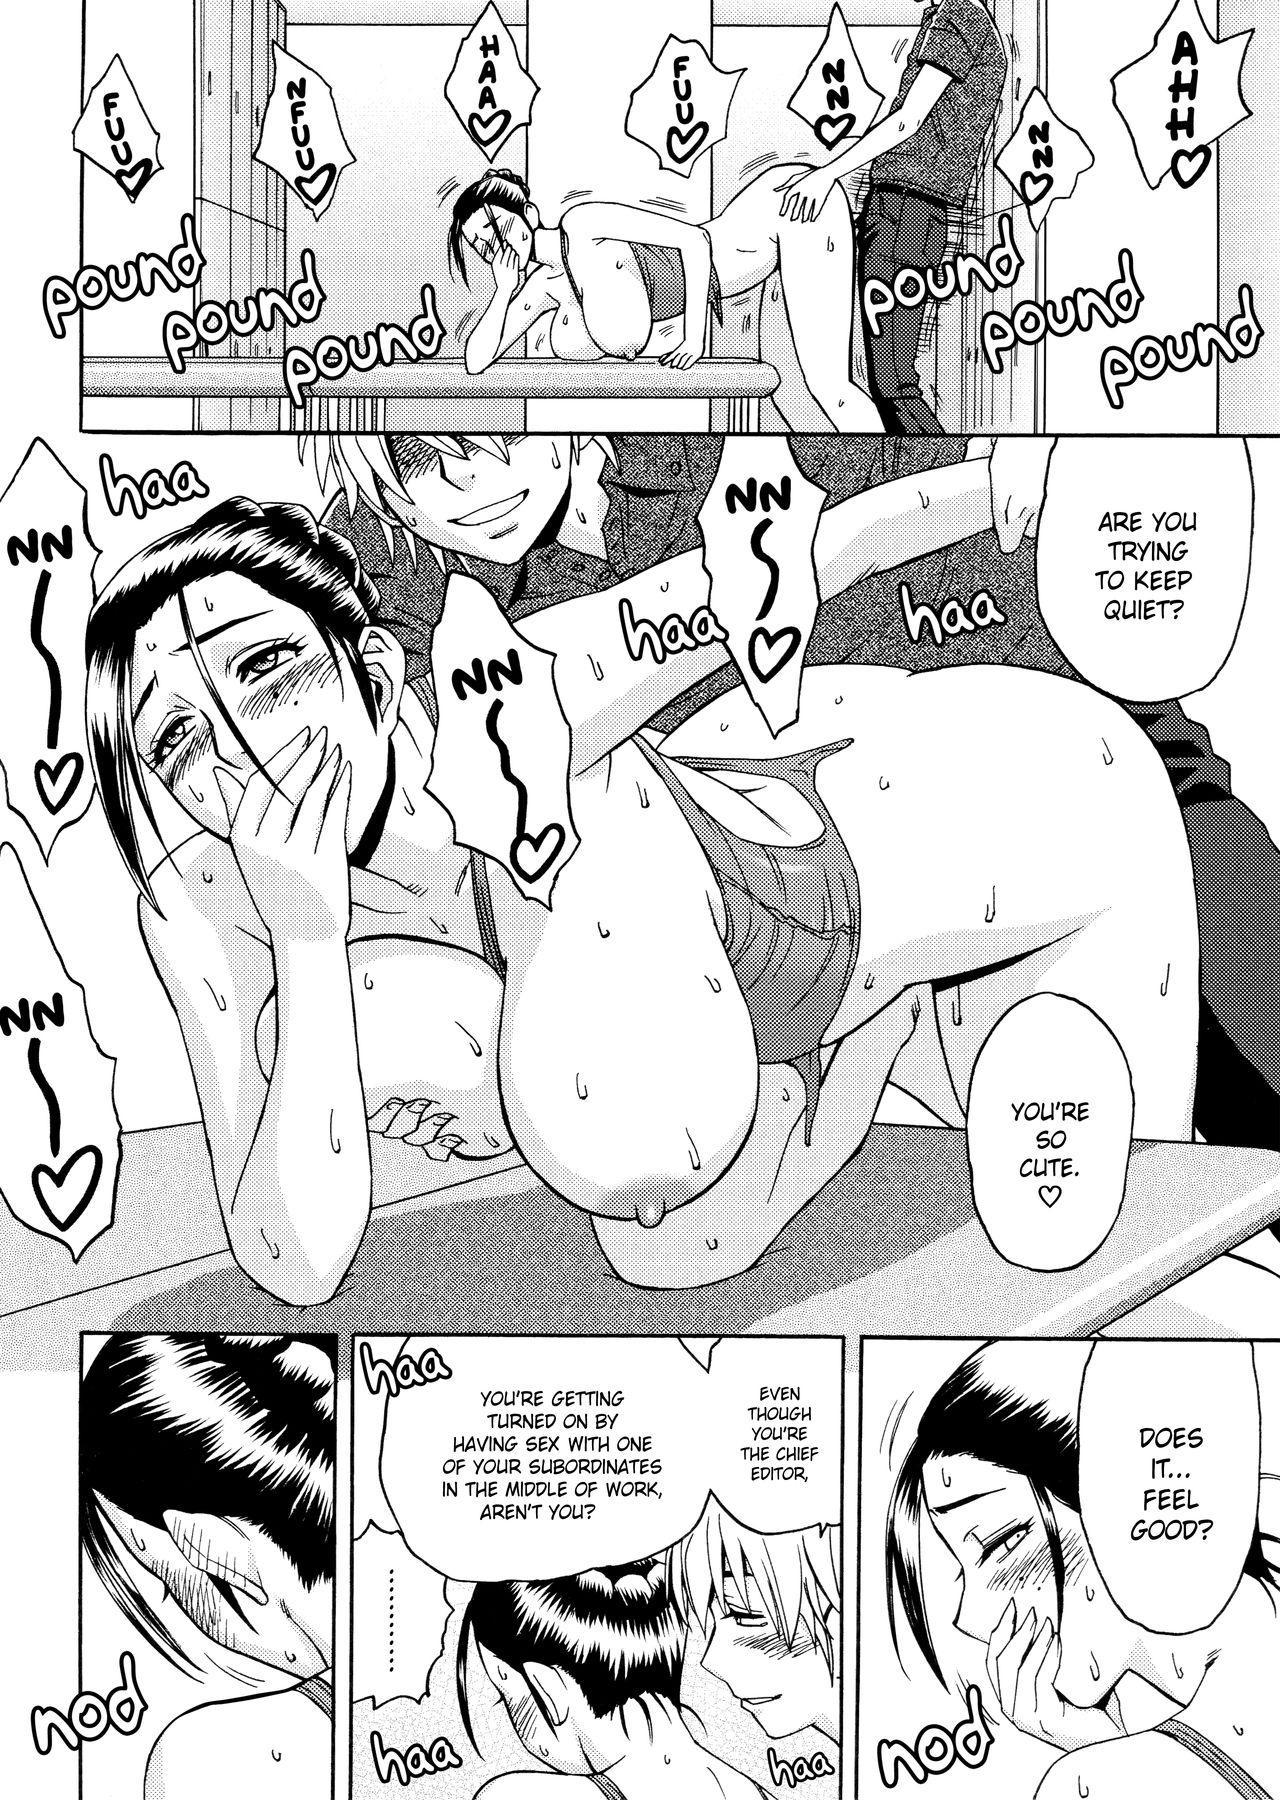 [Tatsunami Youtoku, Yamazaki Masato] Bijin Henshuu-chou no Himitsu | Beautiful Editor-in-Chief's Secret Ch. 1-4 [English] [Forbiddenfetish77, Red Vodka] [Decensored] 39